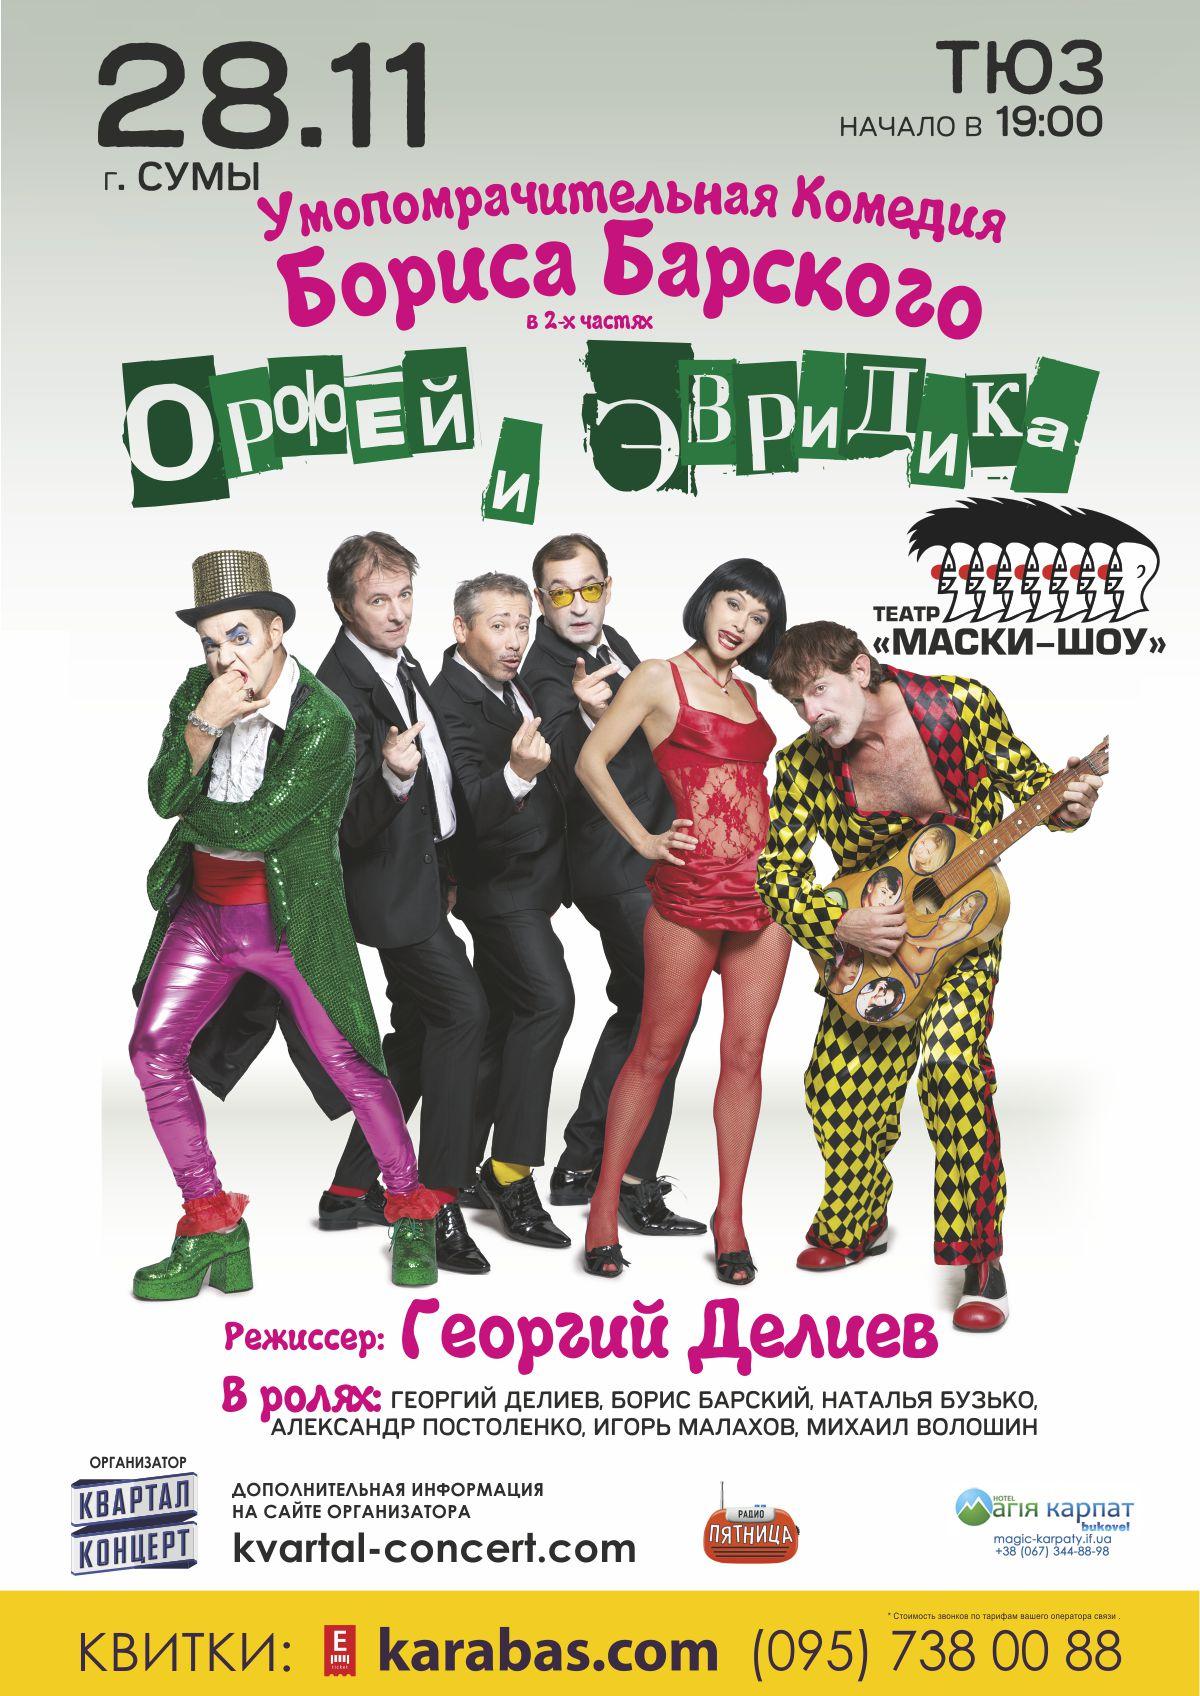 Сумы театр афиша 2015 спектакль мхат им чехова купить билеты